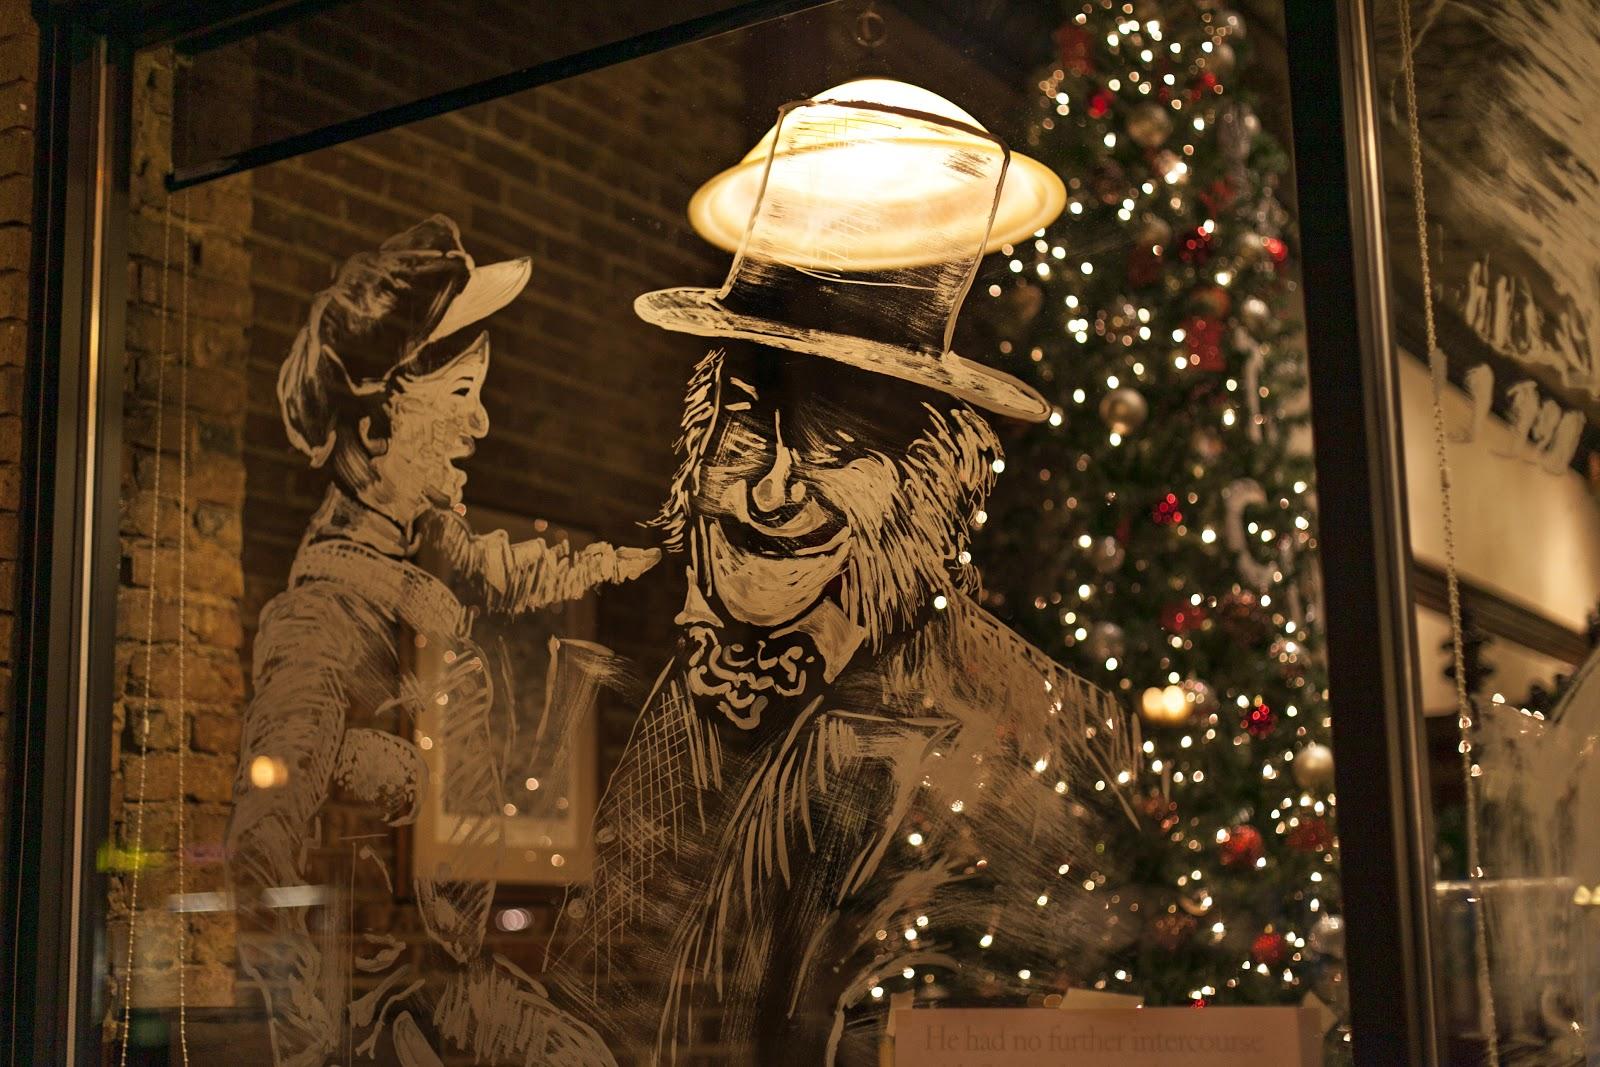 NGS Christmas Painted Wonder Window Display ideas - NGS ...